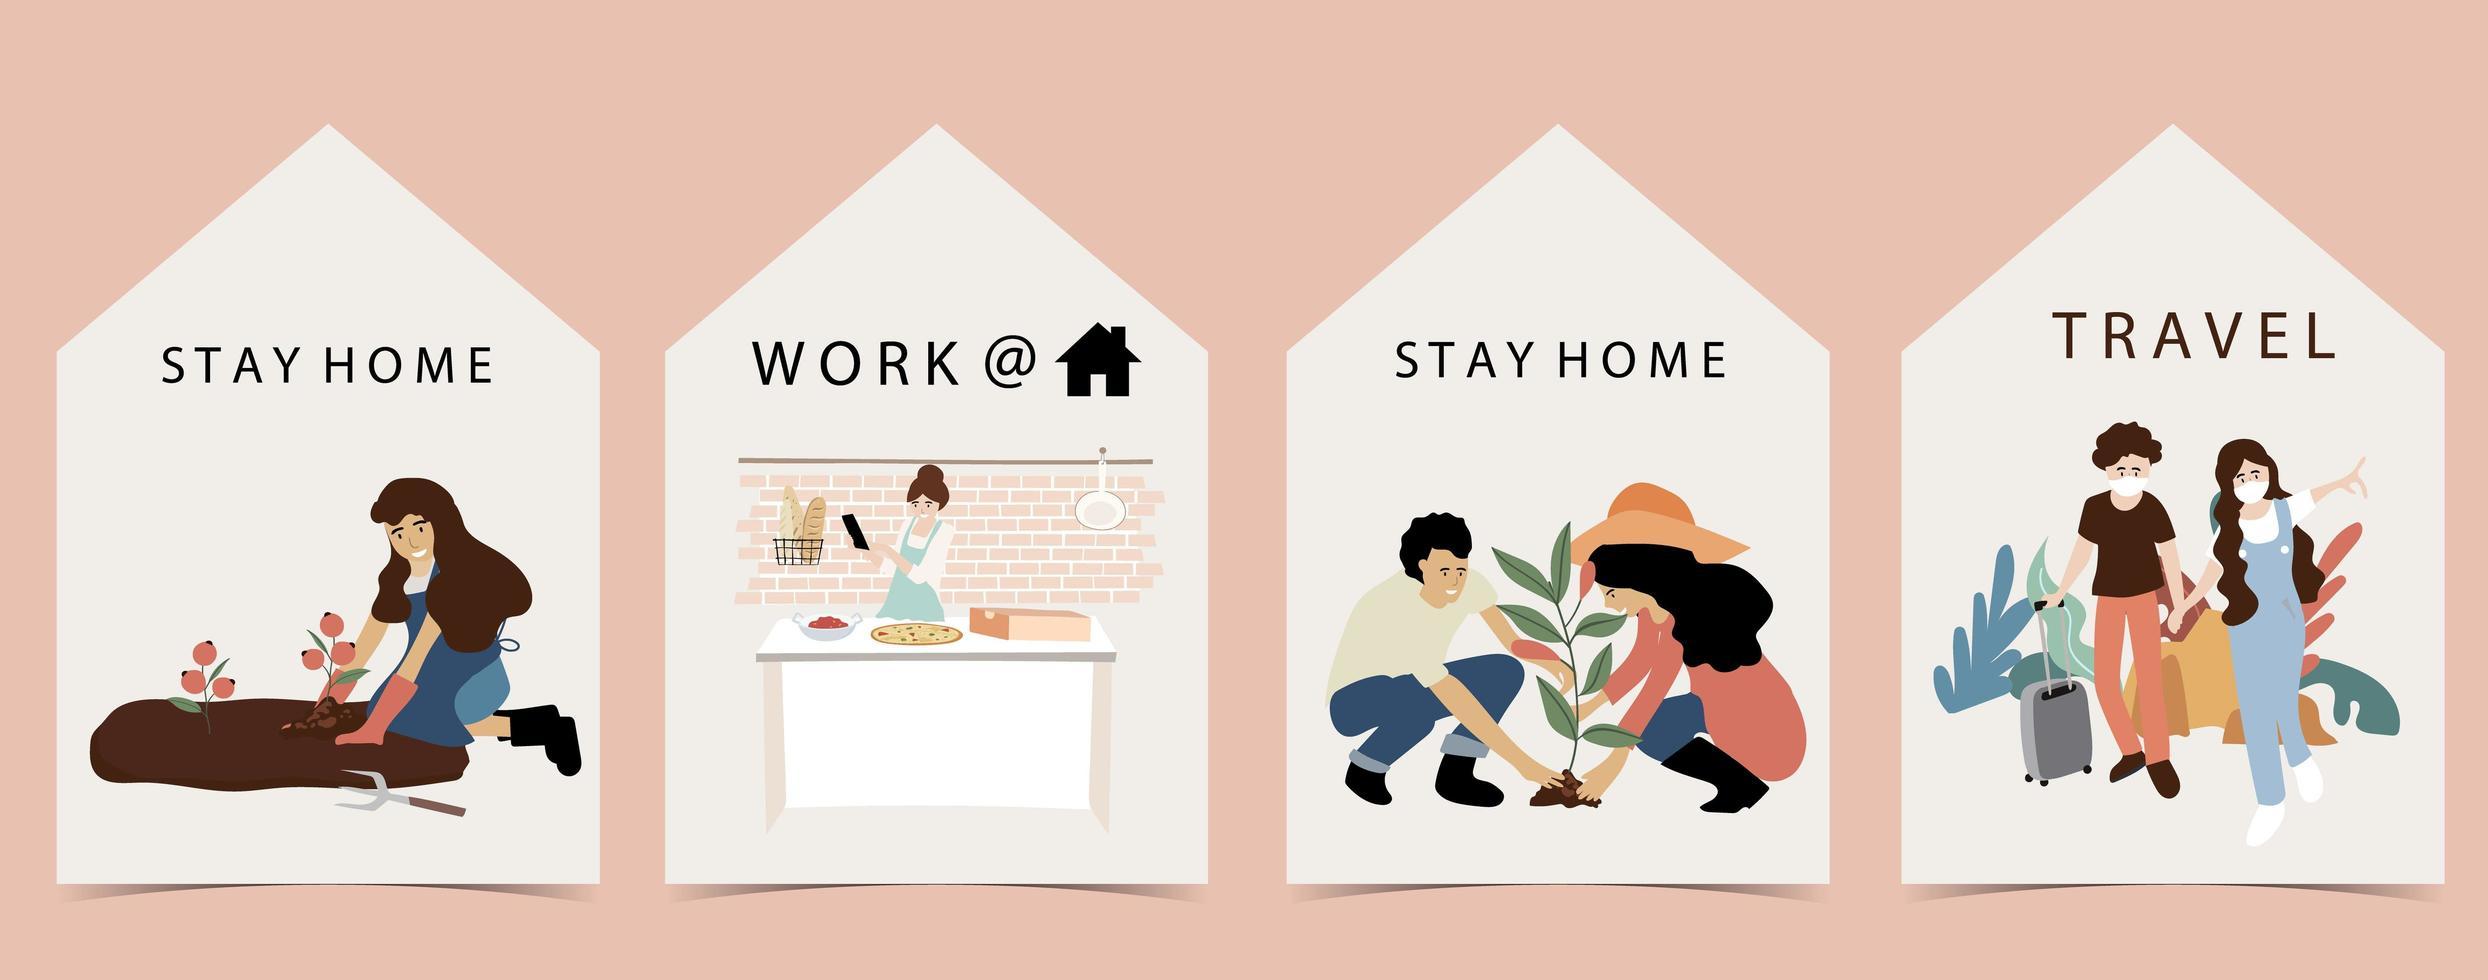 personas que se quedan y trabajan en el diseño del hogar. vector